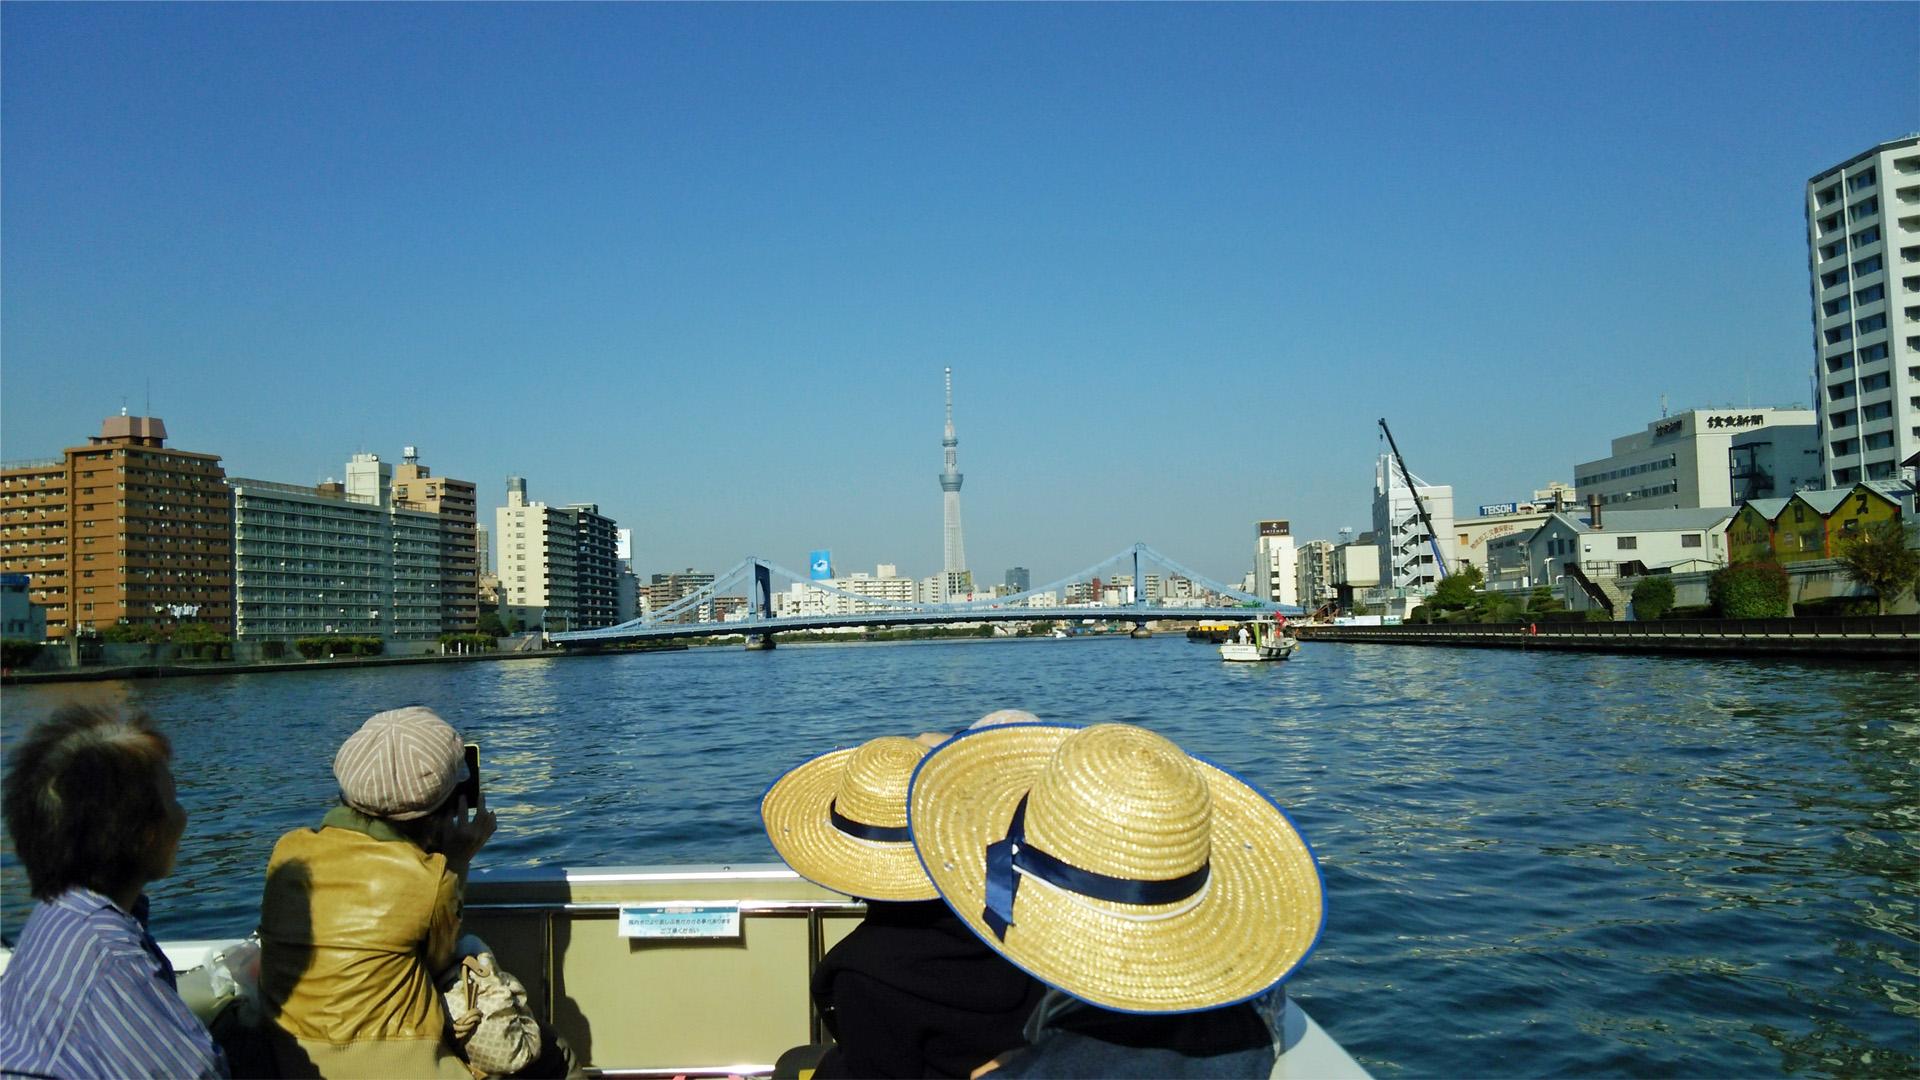 日本橋スカイツリーDSC_0604.jpg